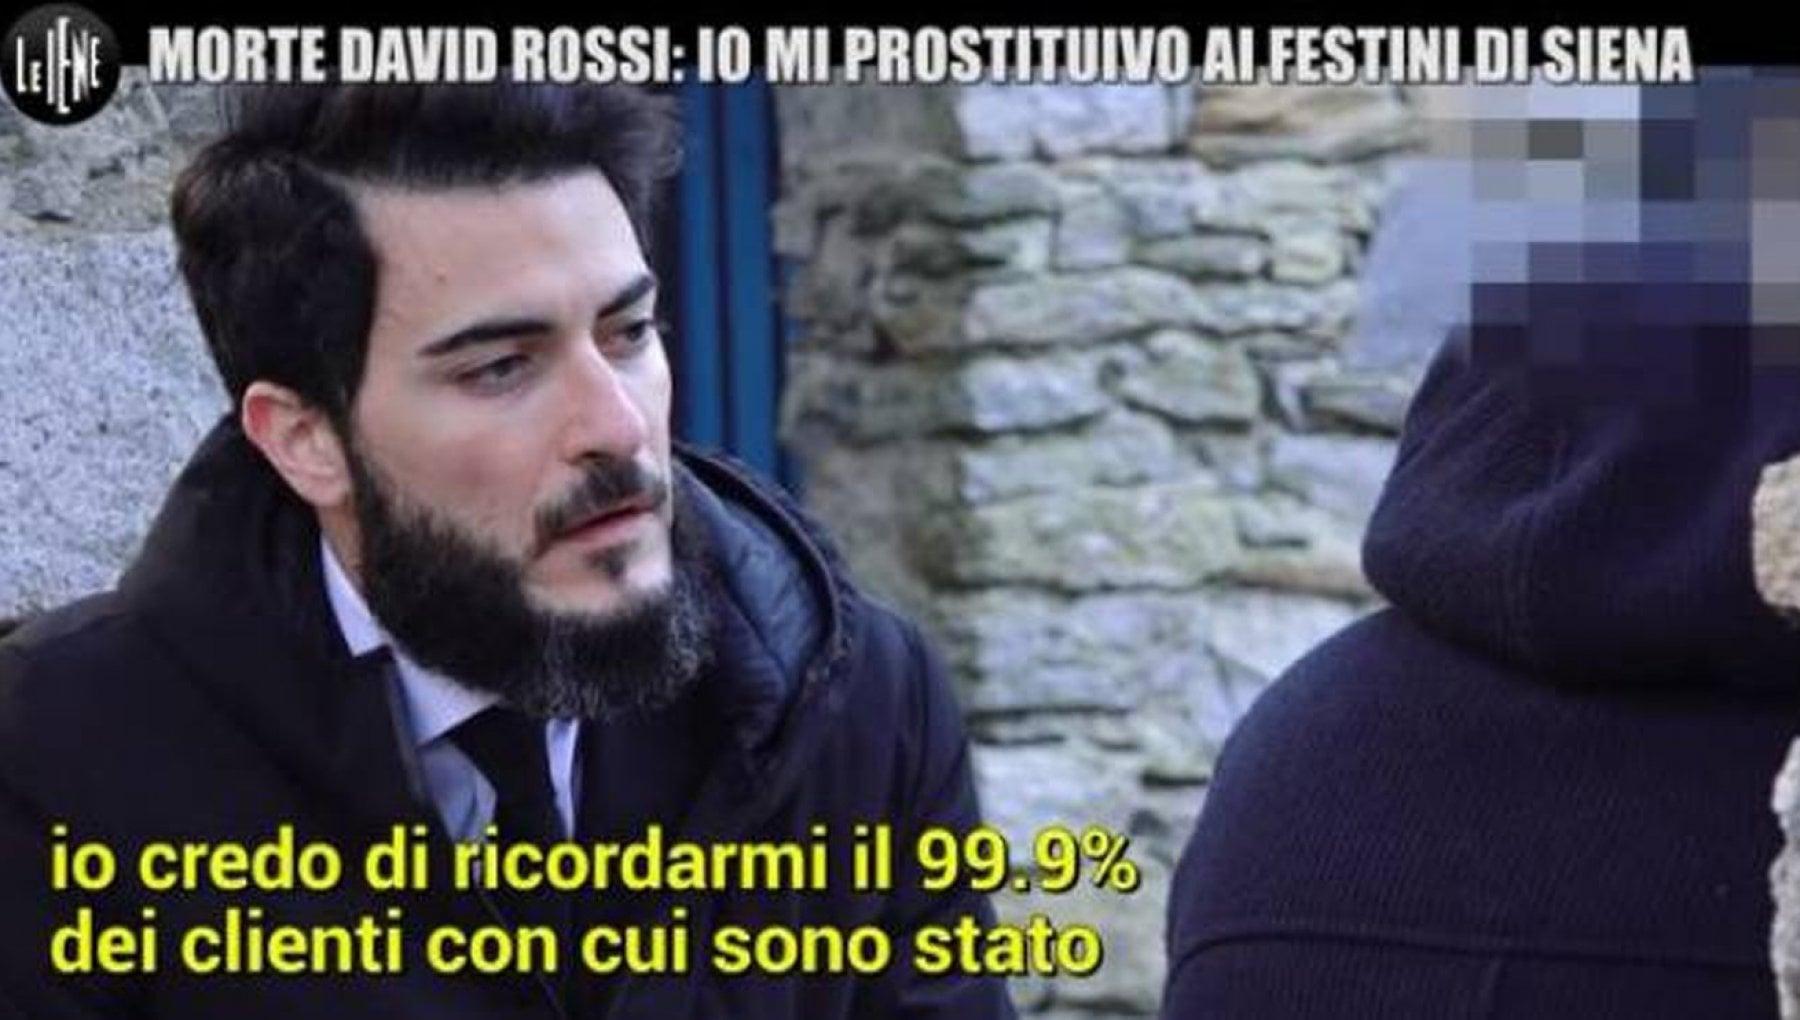 Siena morte David Rossi lescort dei festini e un assistente parlamentare della Lega